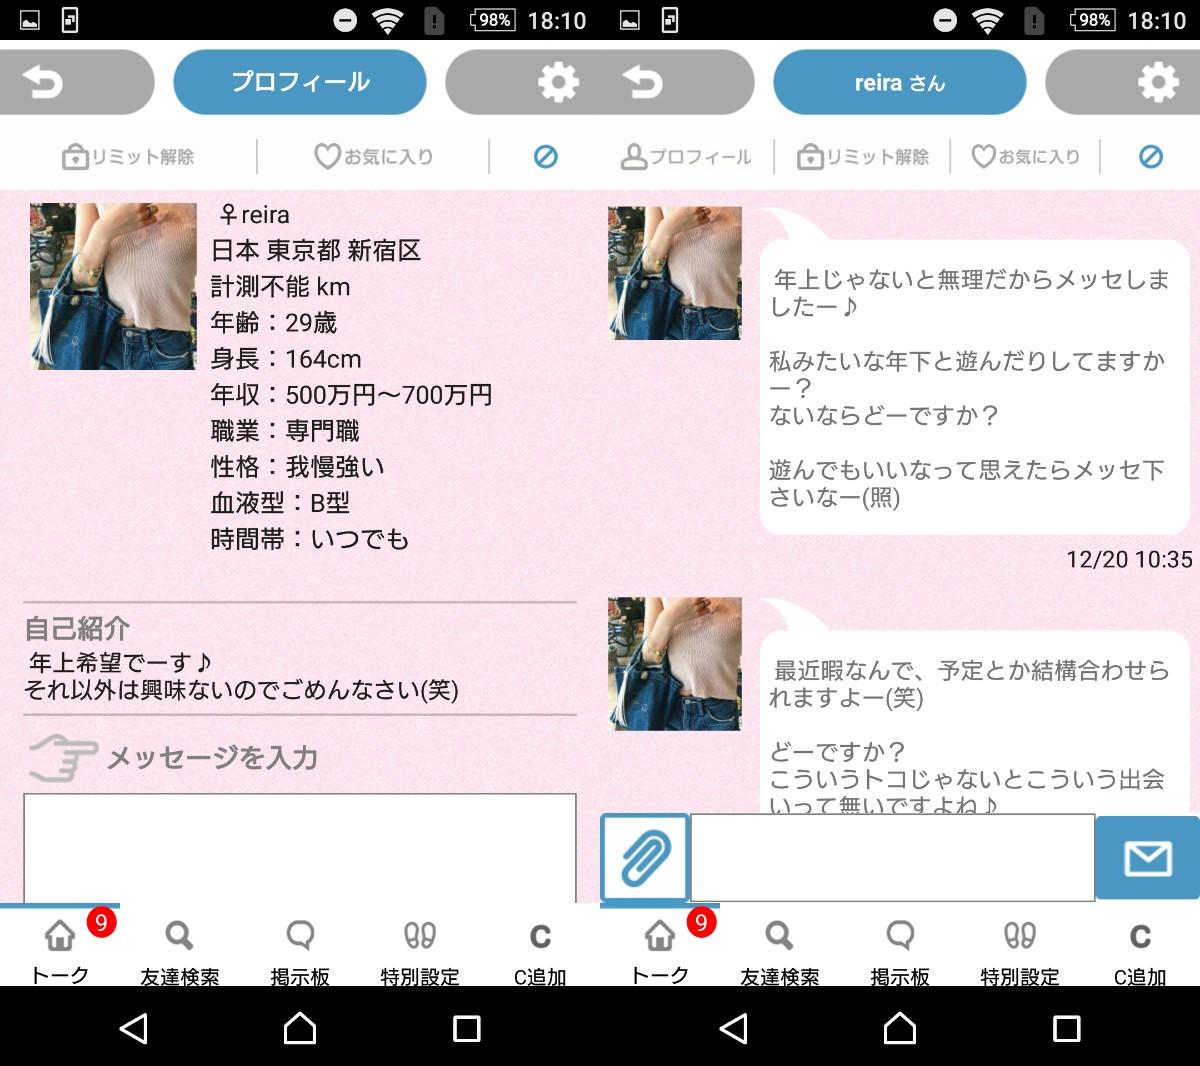 詐欺出会い系アプリ「MIX」サクラのreina